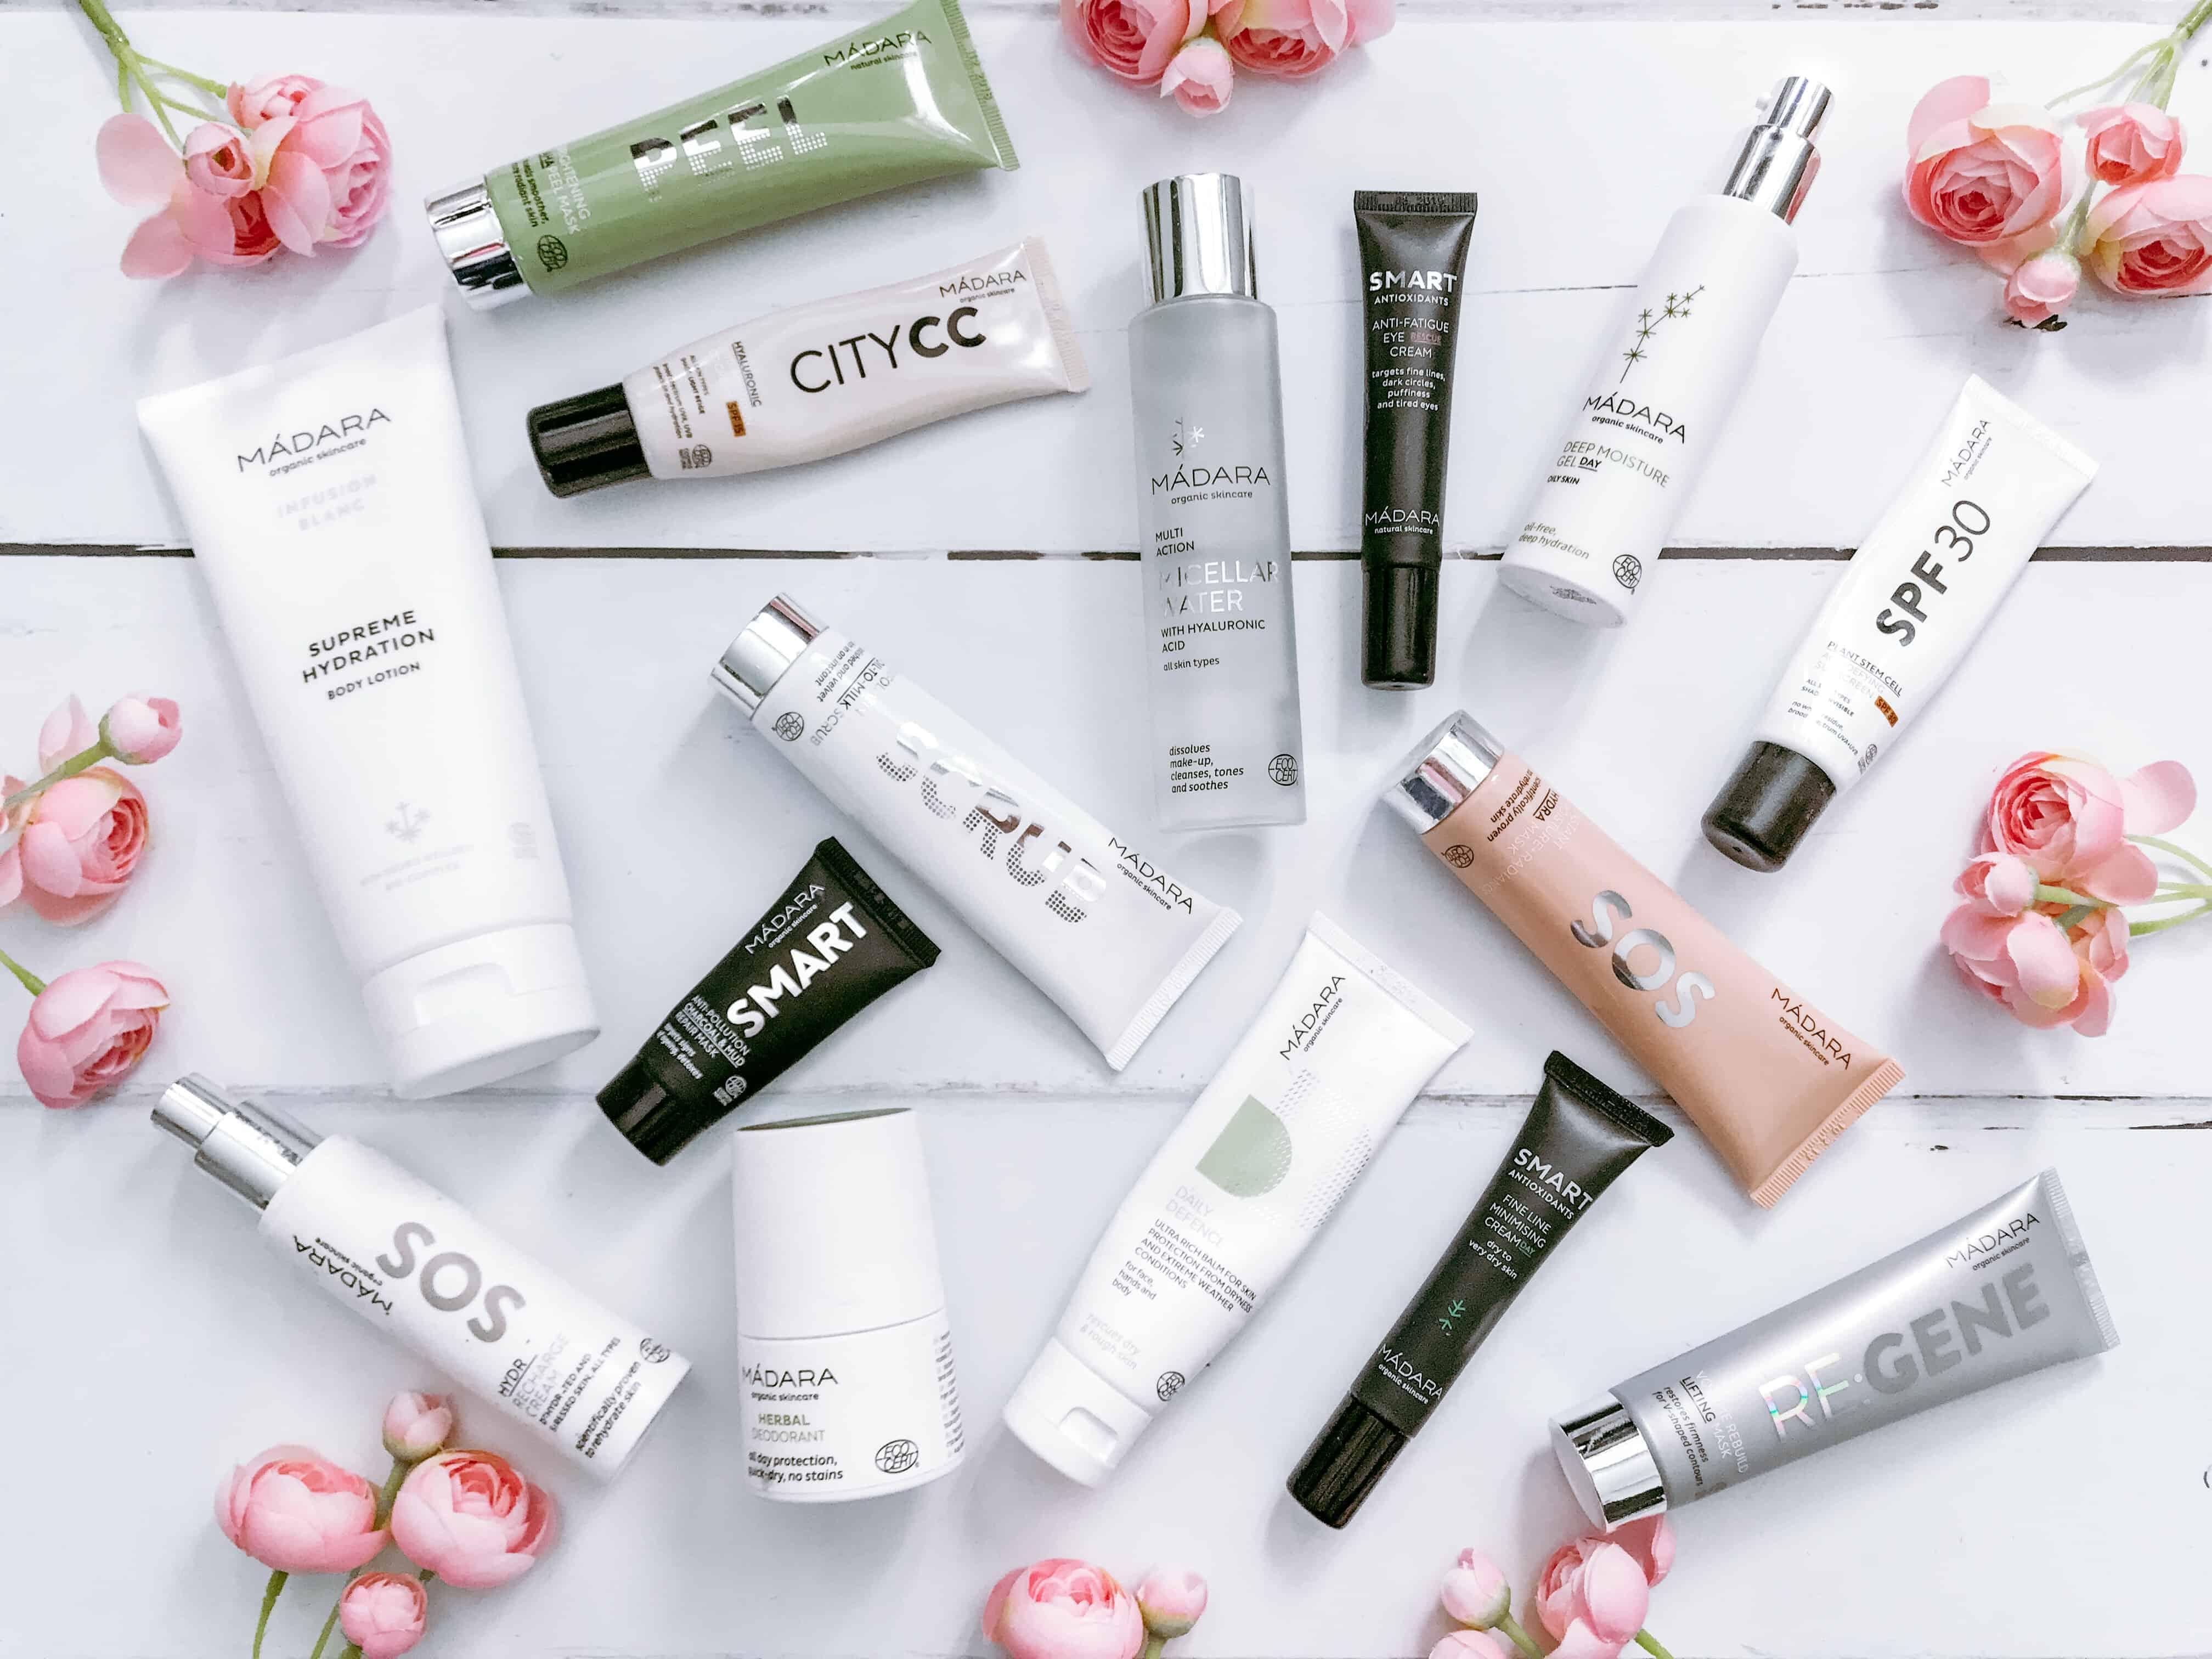 Natural Brand Focus: Madara Organic Skincare Review